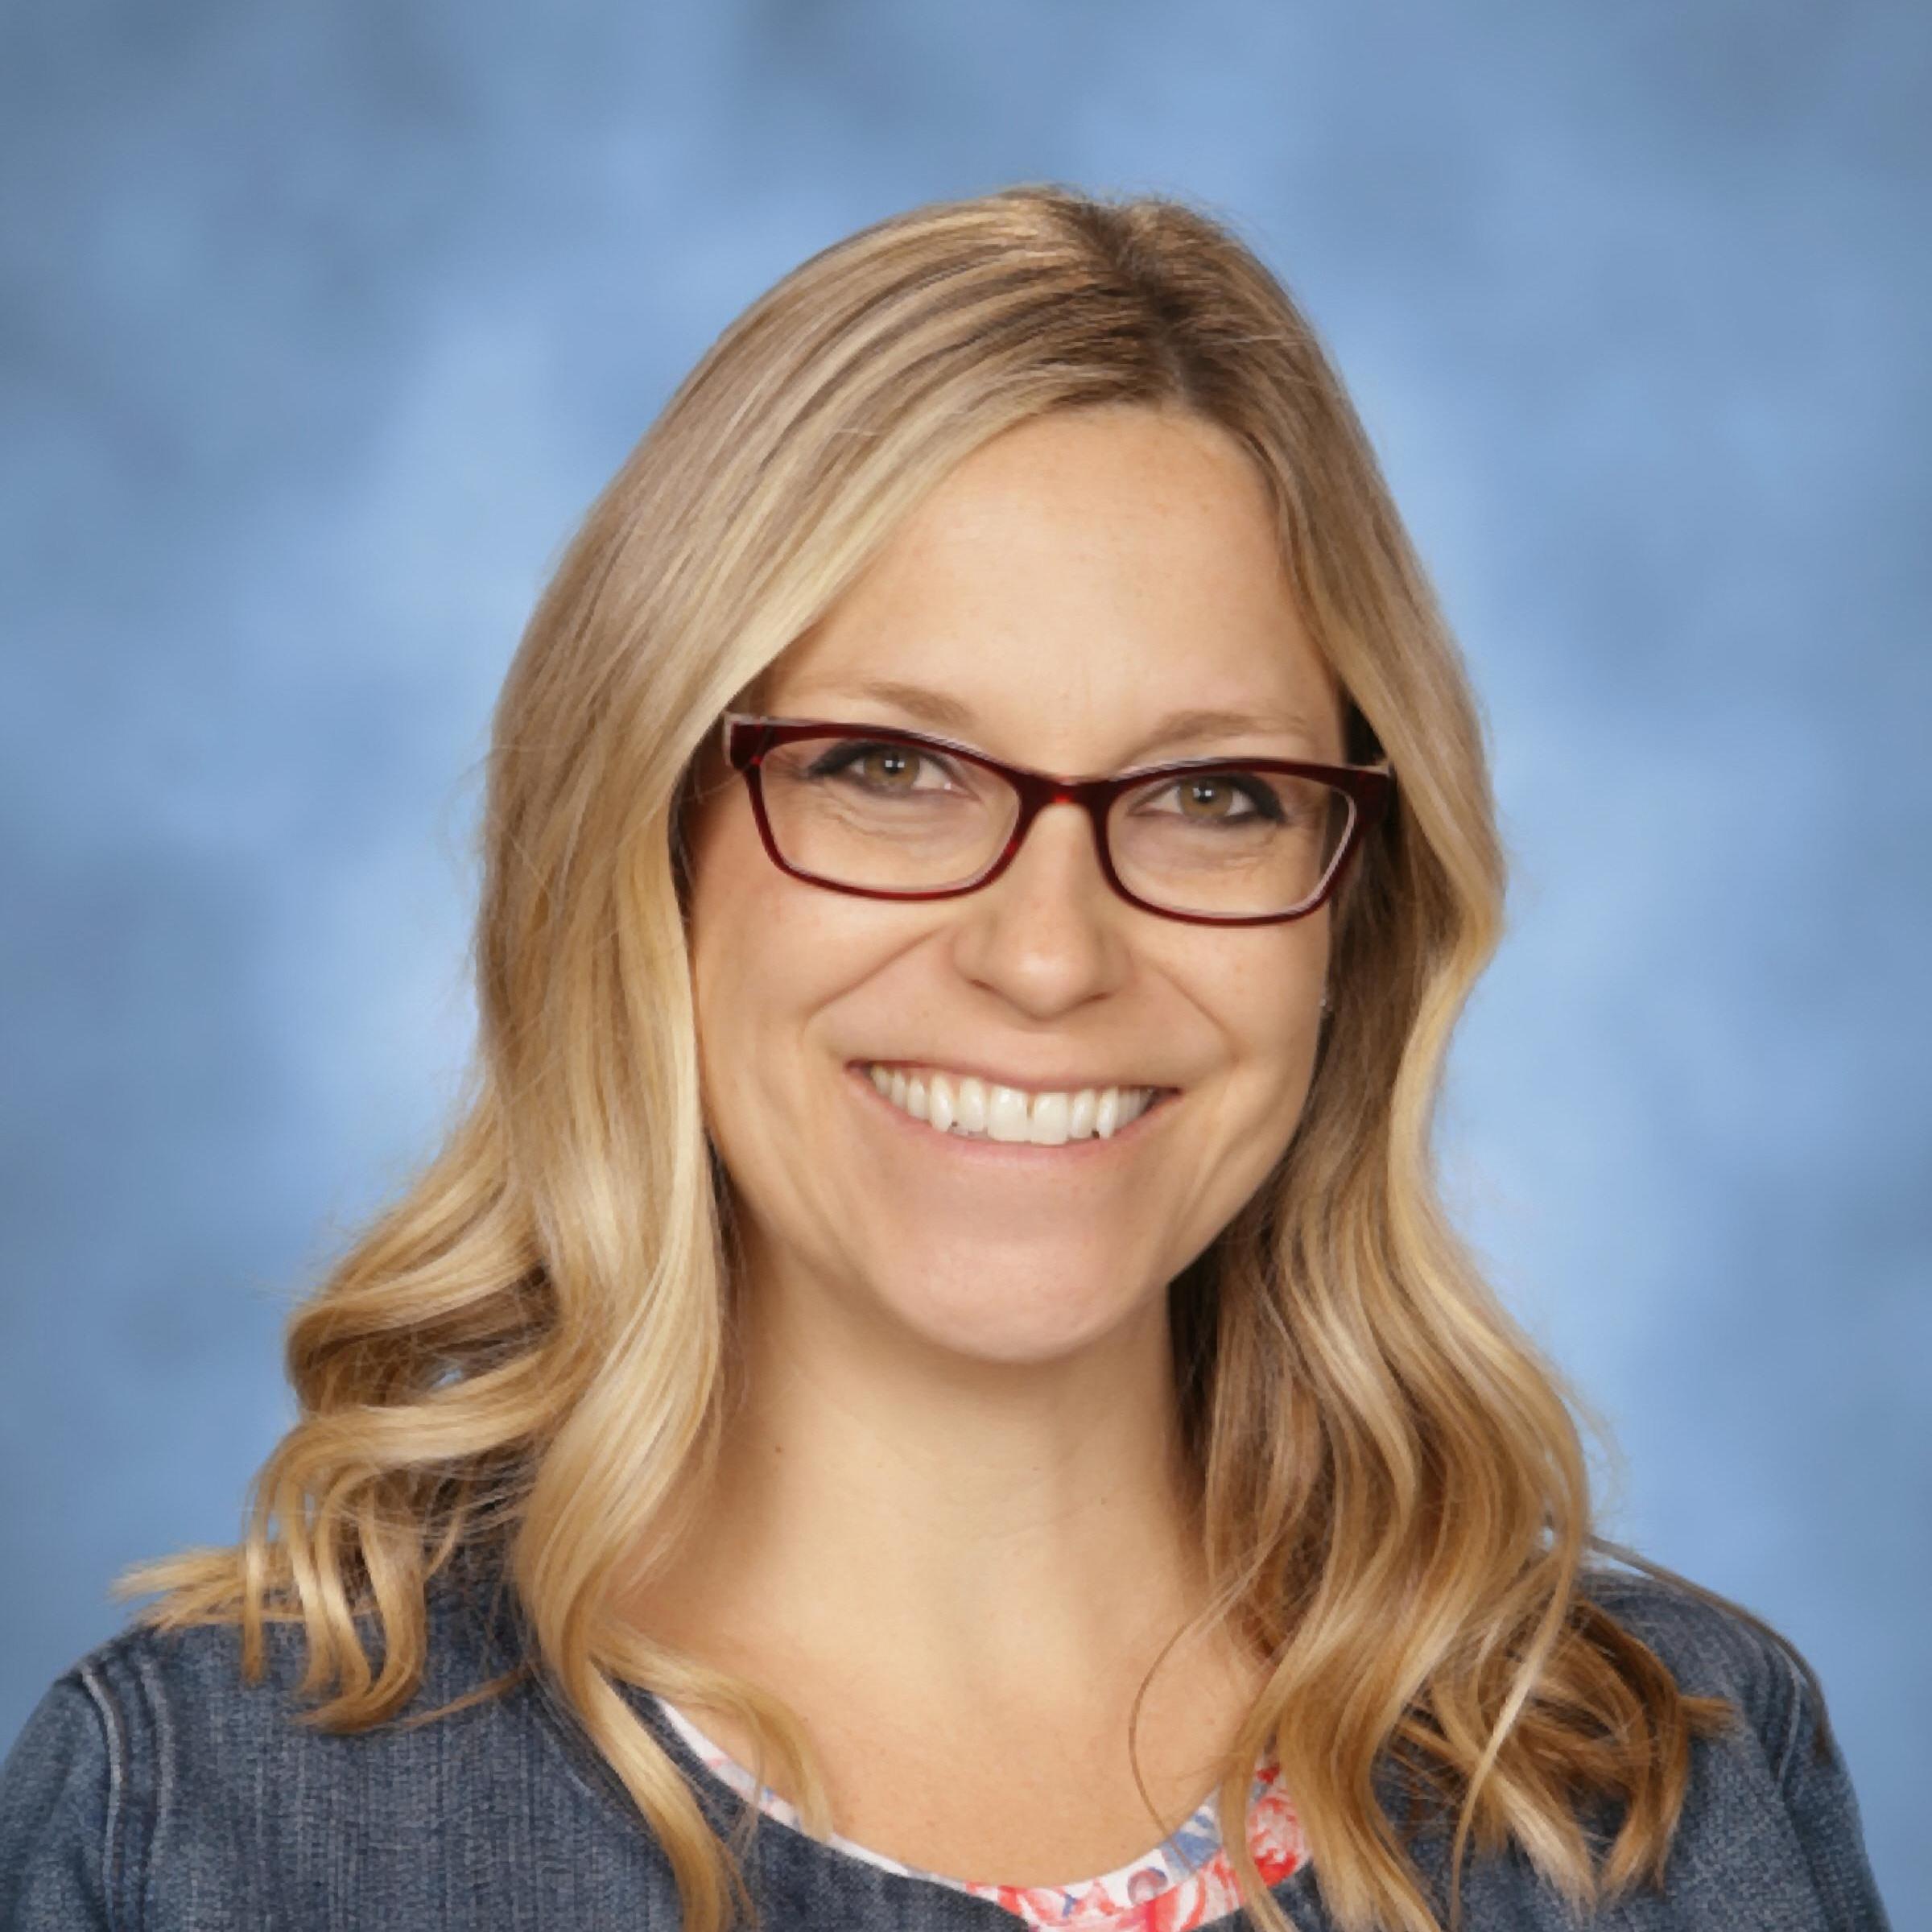 Sara Ventimiglio's Profile Photo